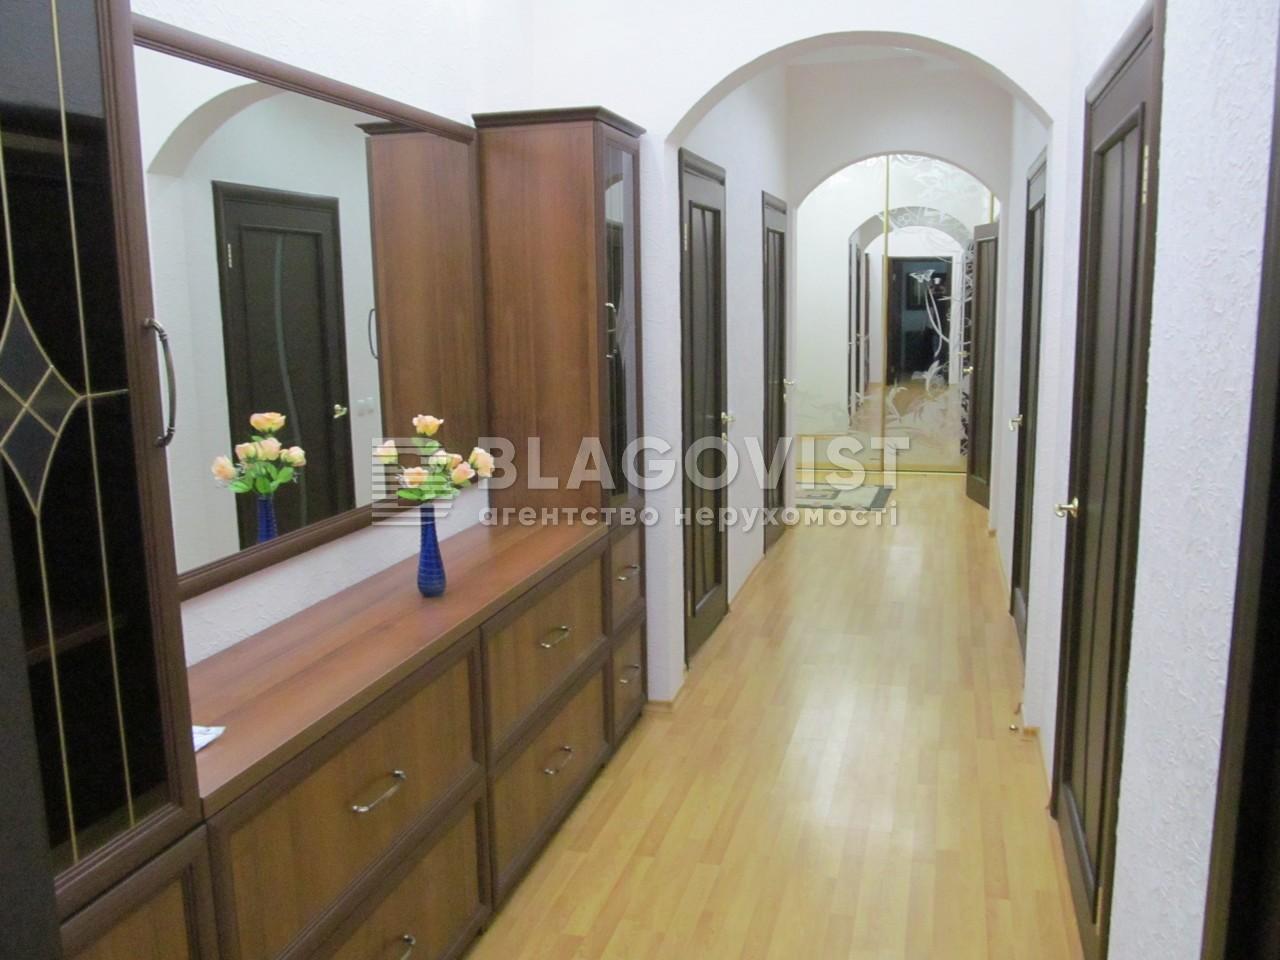 Квартира E-13012, Коновальца Евгения (Щорса), 32б, Киев - Фото 22